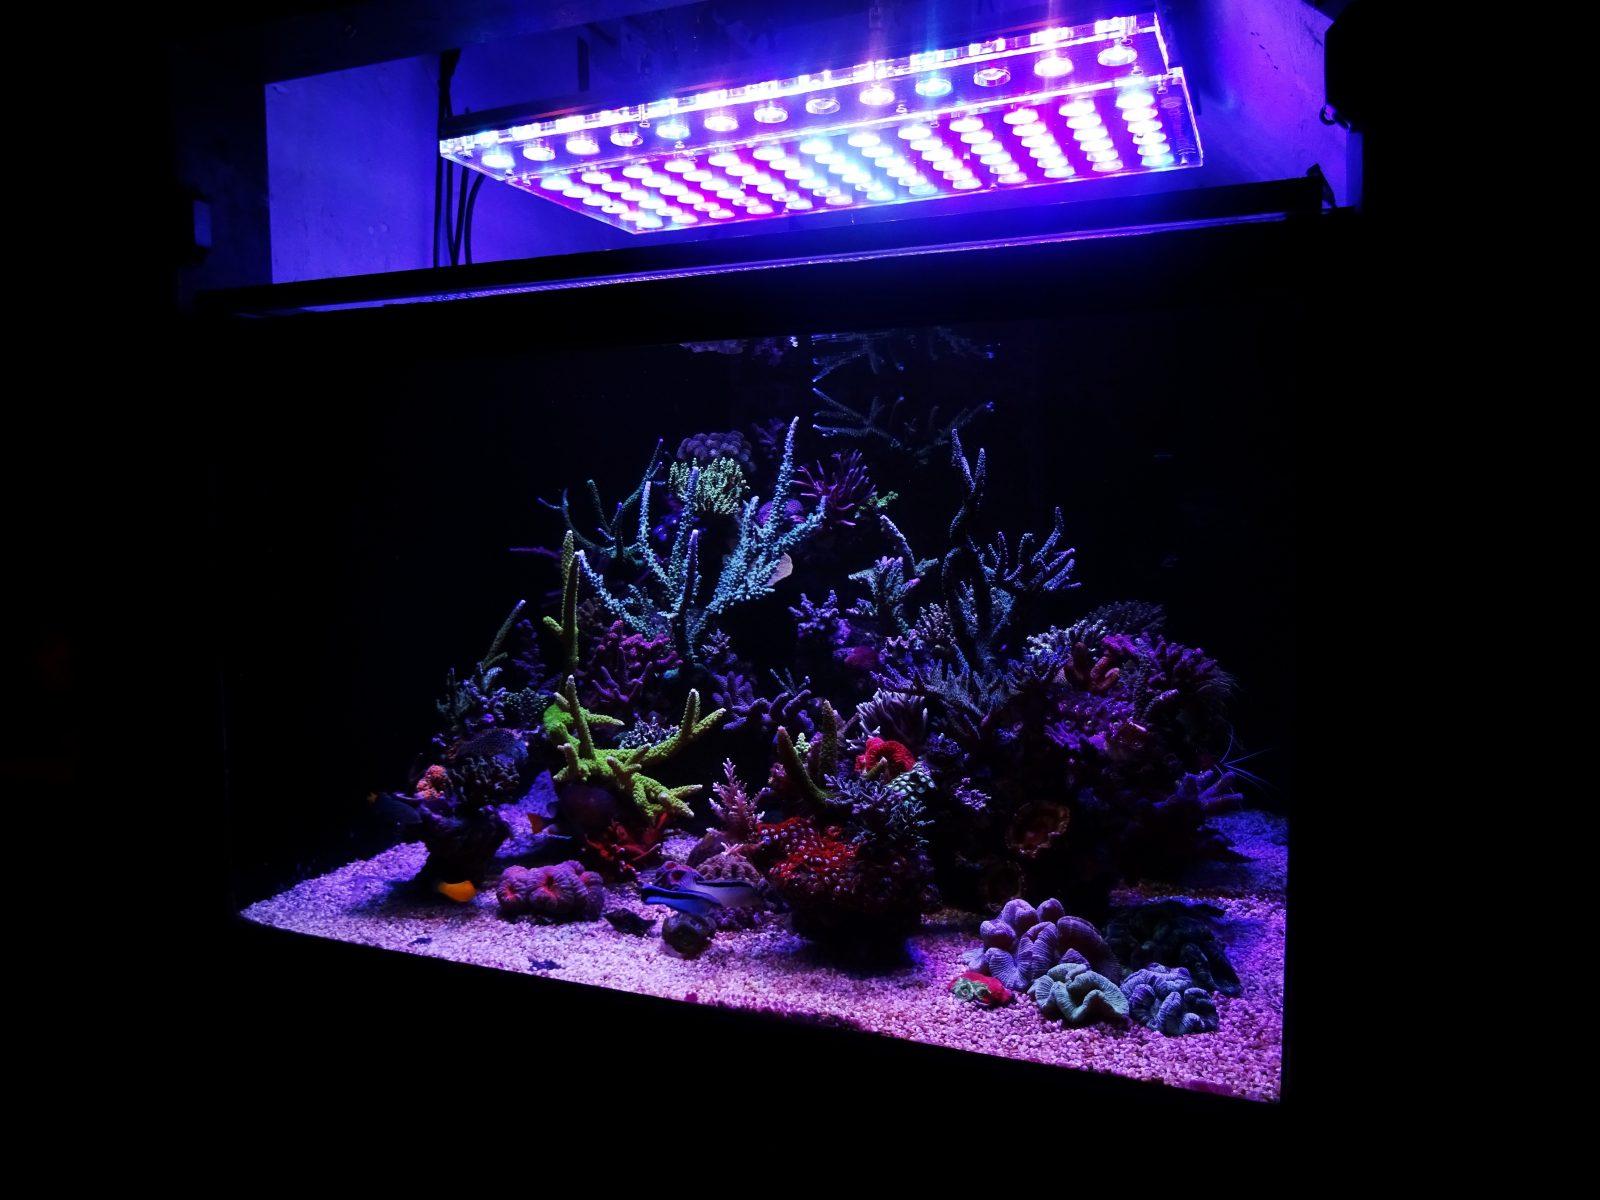 prachtige aquarium led verlichting